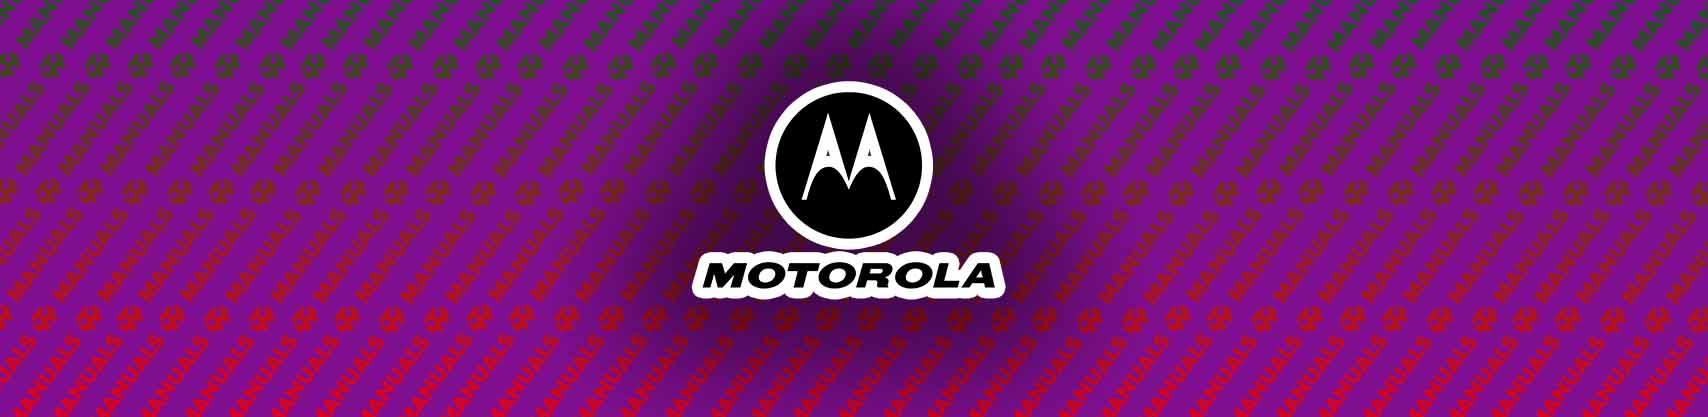 Motorola XTS 2500 Manual